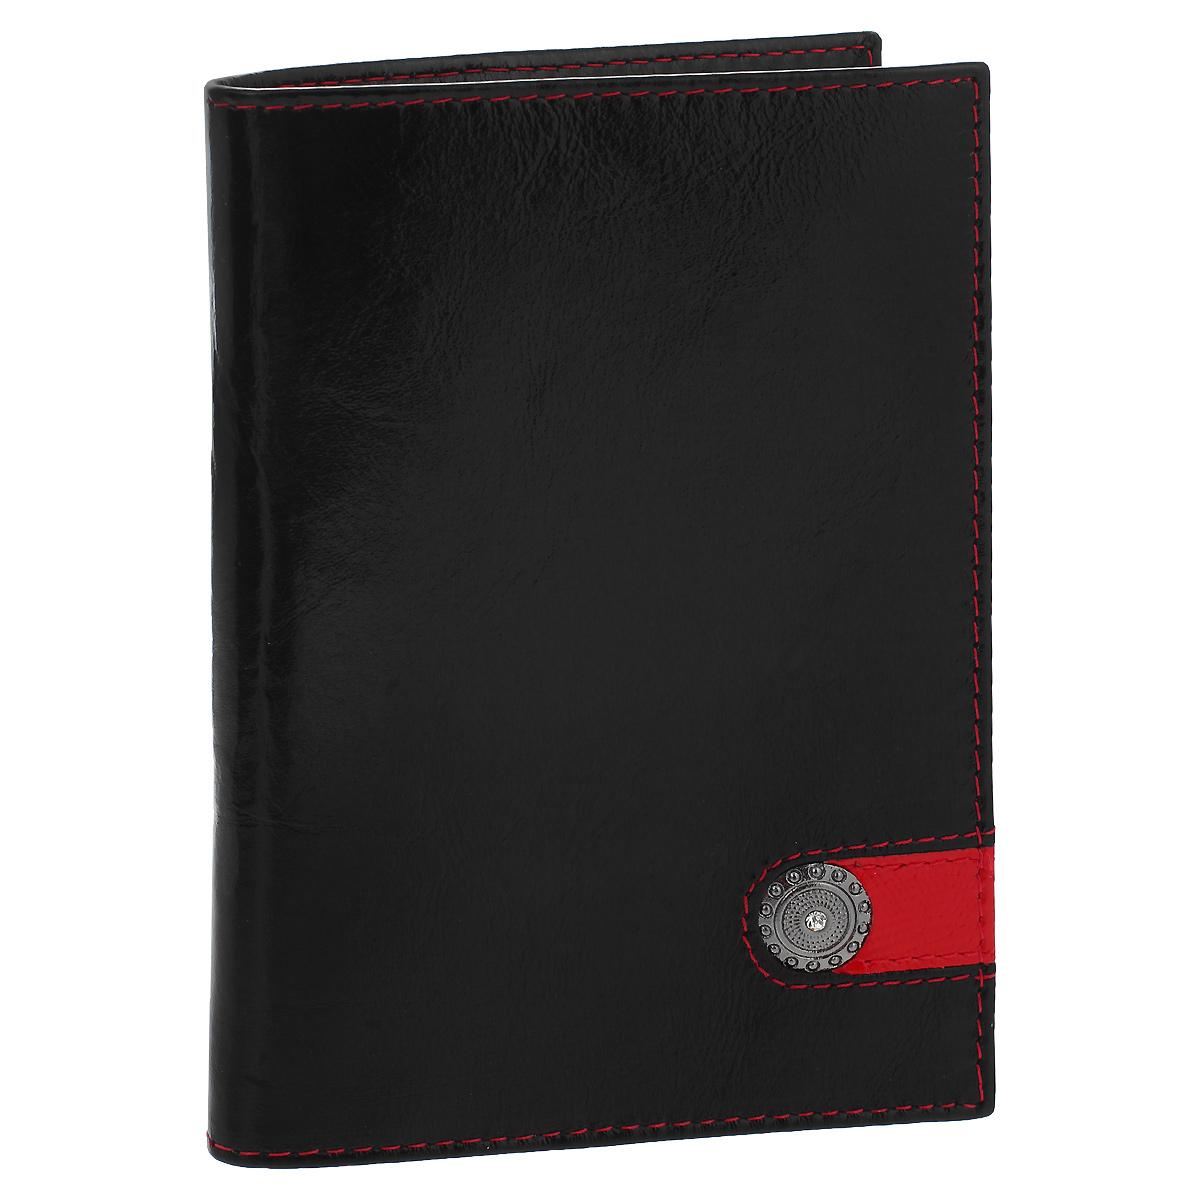 Обложка для паспорта Dimanche Panthere Noire, цвет: черный. 320Натуральная кожаОбложка для паспорта Panthere Noire выполнена из натуральной кожи с глянцевой поверхностью и оформлен декоративным металлическим элементом со стразой. На внутреннем развороте - два кармашка из прозрачного пластика.Обложка не только поможет сохранить внешний вид ваших документов и защитит их от повреждений, но и станет стильным аксессуаром, который подчеркнет ваш неповторимый стиль.Обложка упакована в коробку из плотного картона с логотипом фирмы. Характеристики:Материал: натуральная кожа, ПВХ. Цвет: черный. Размер обложки: 9,5 см х 13,5 см х 1,5 см.